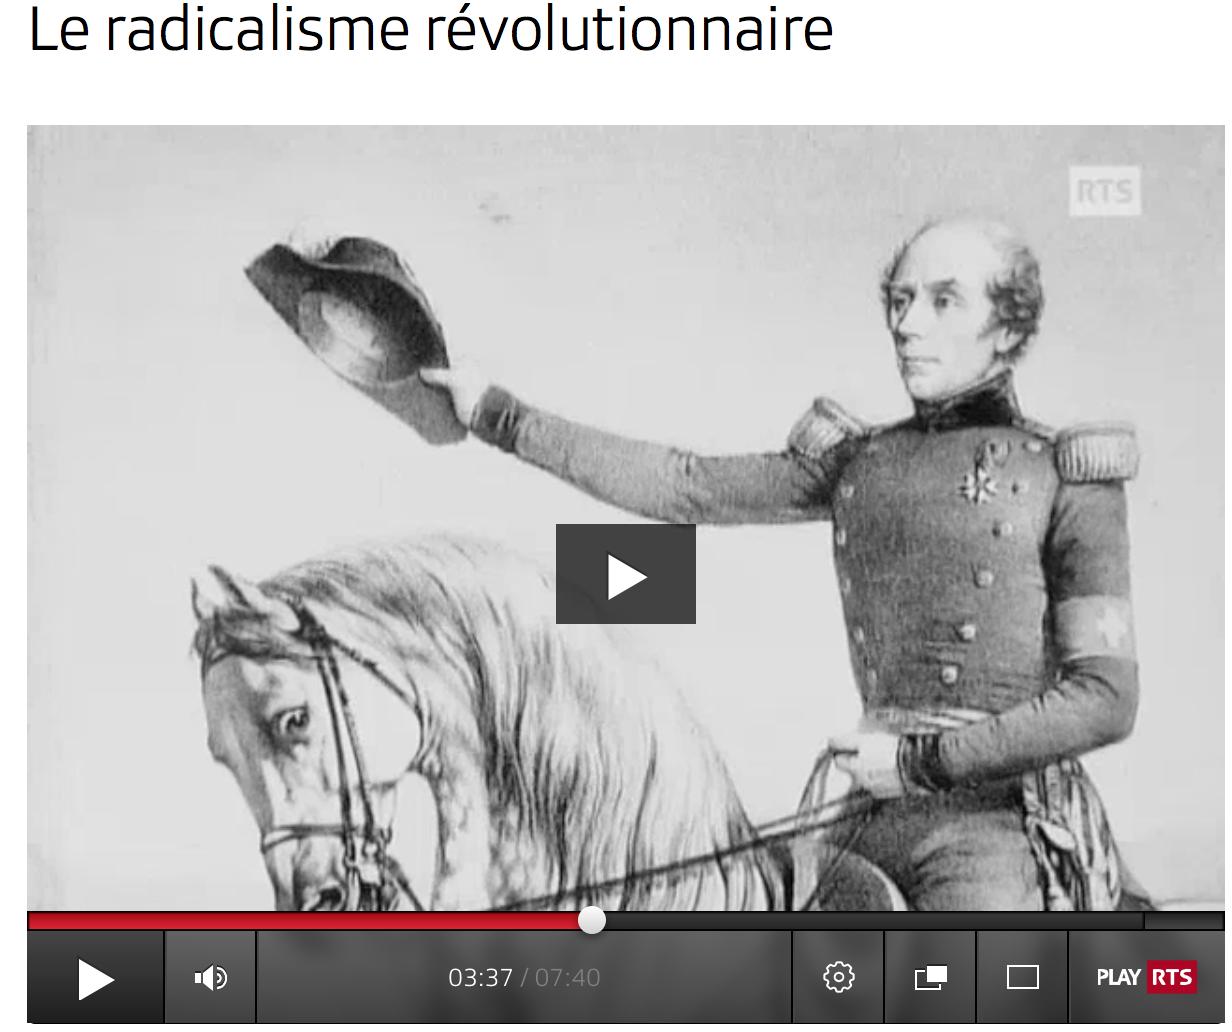 Le Radicalisme révolutionnaire